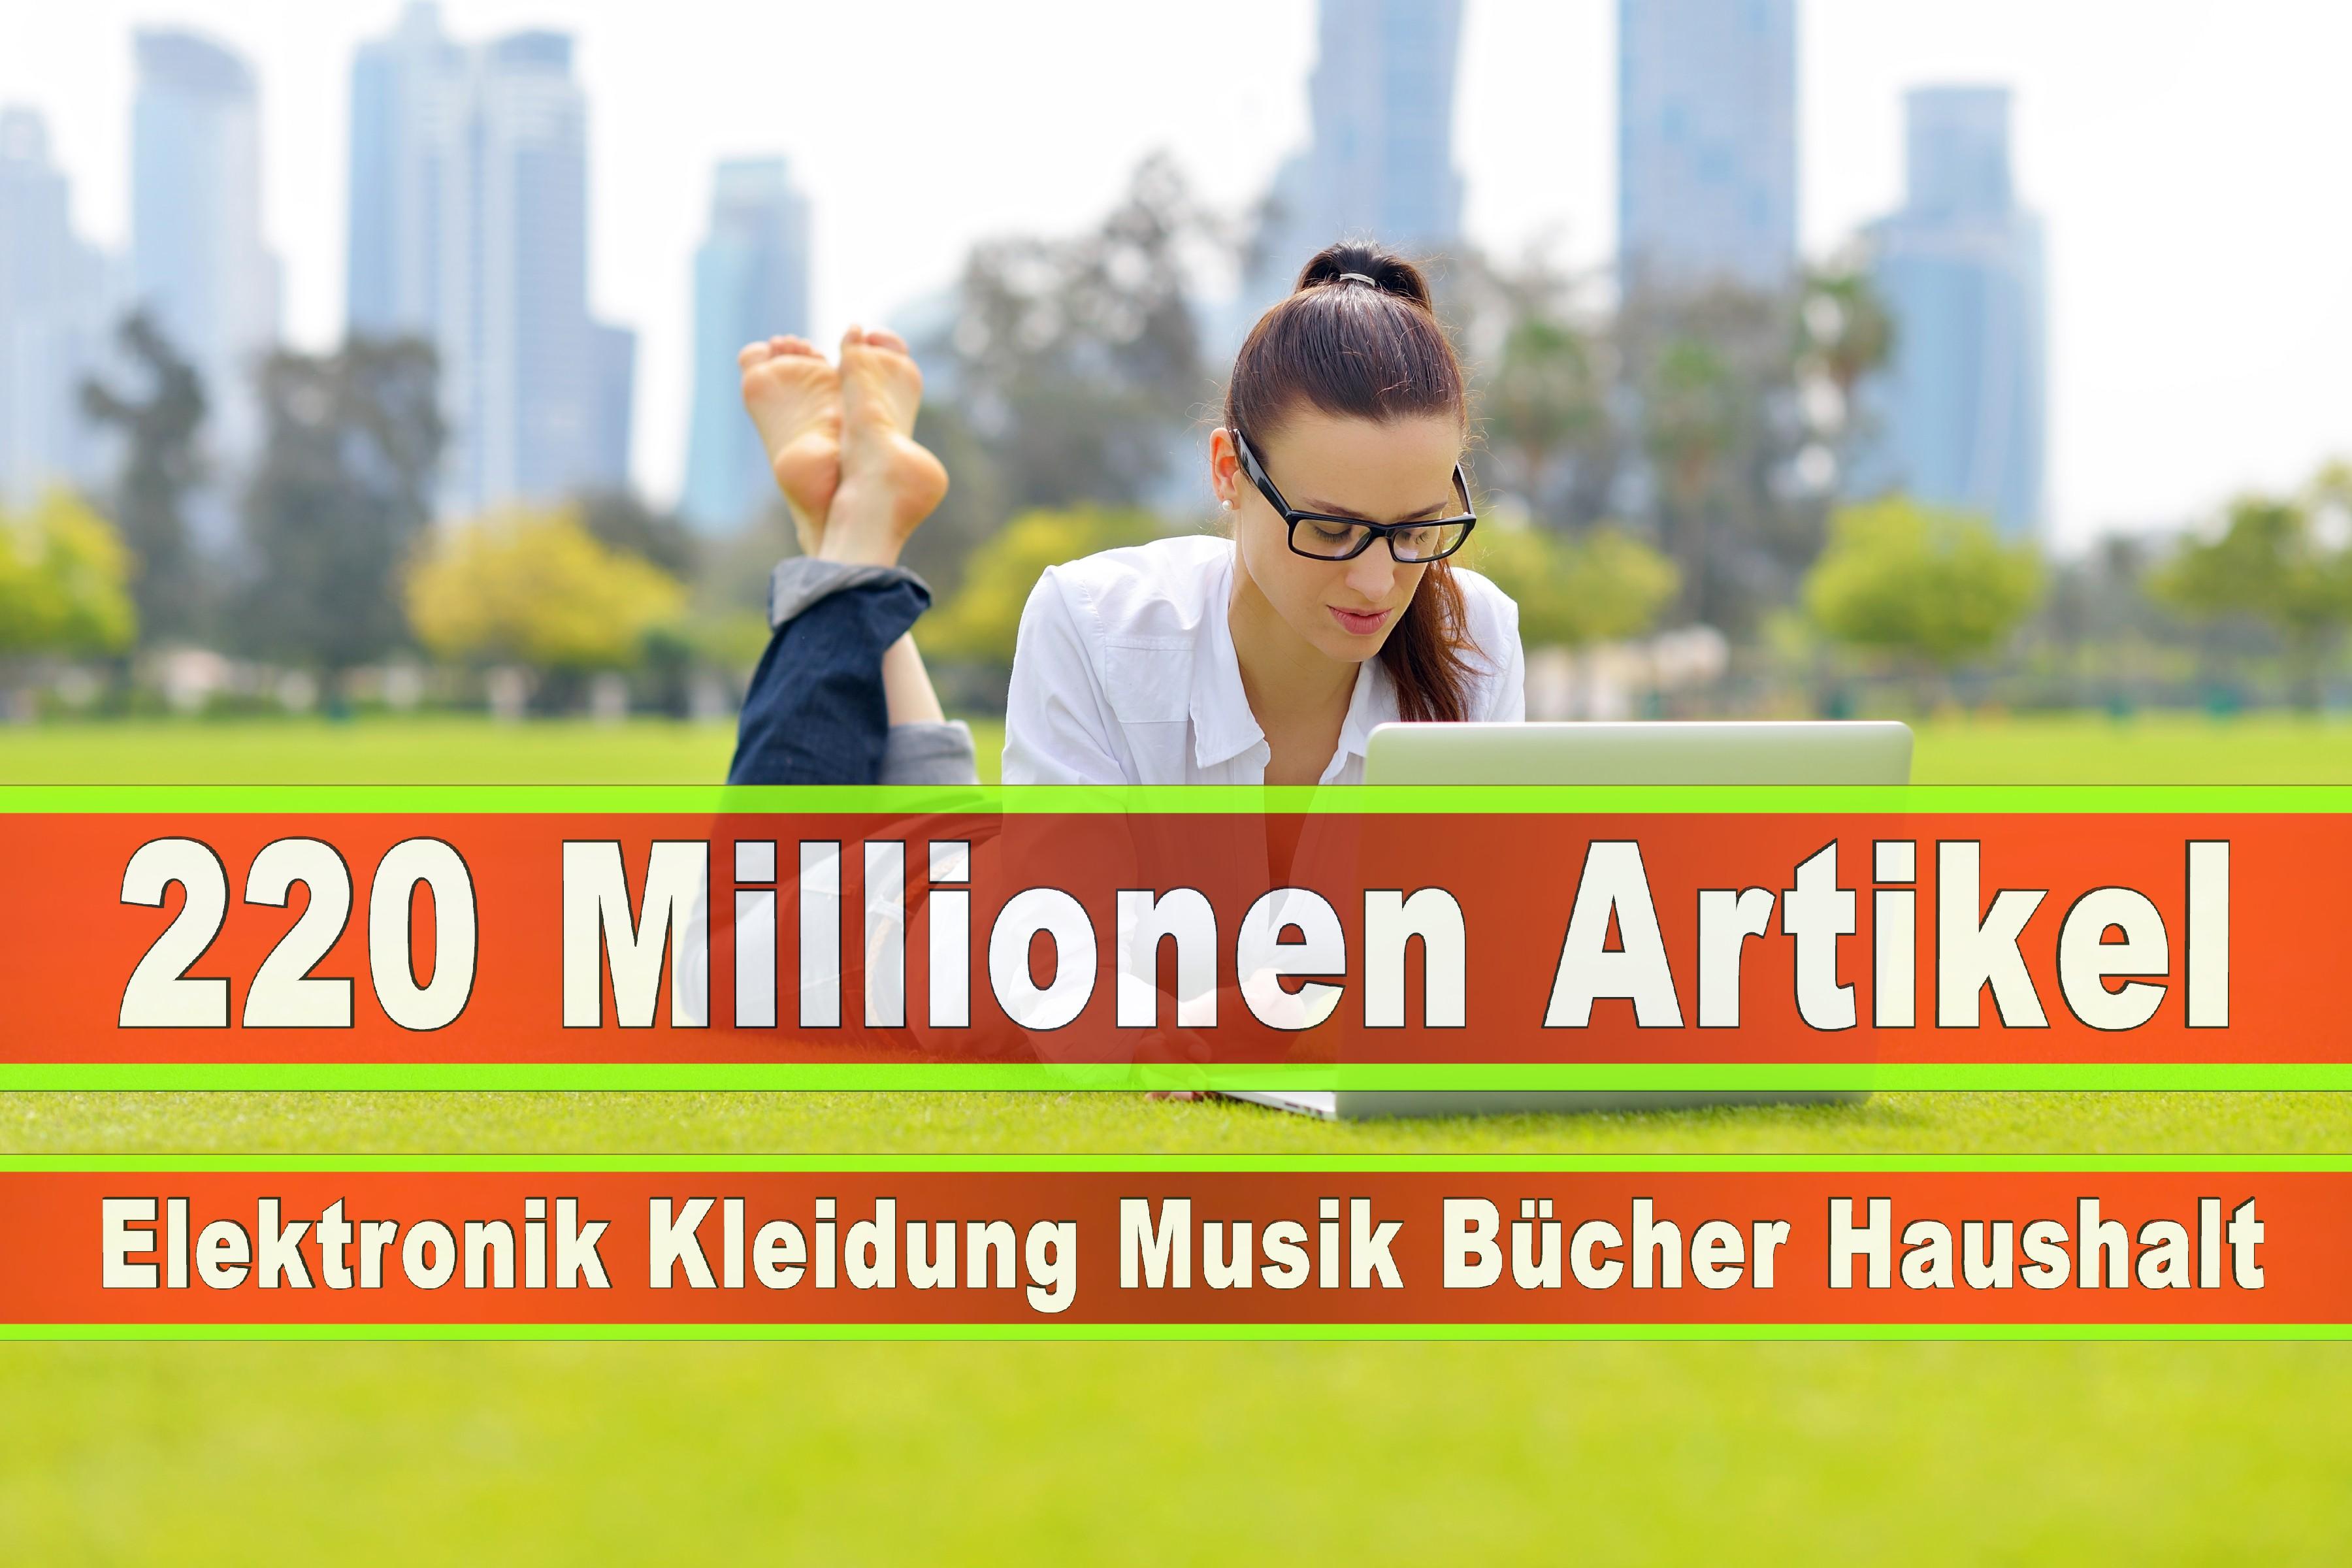 Amazon Elektronik Musik Haushalt Bücher CD DVD Handys Smartphones TV Television Fernseher Kleidung Mode Ebay Versandhaus (5)